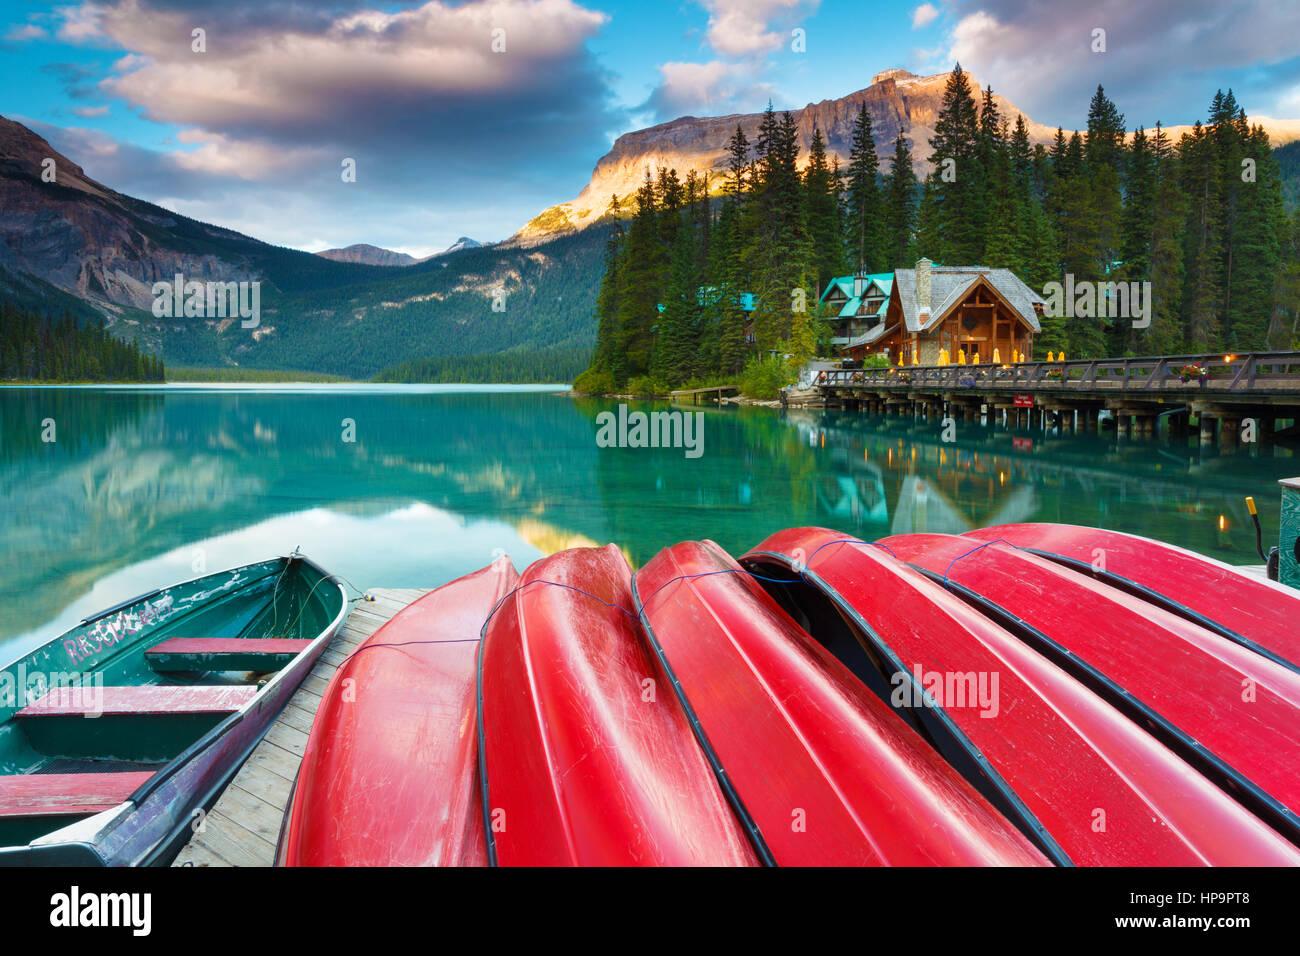 Am frühen Abend am Emerald Lake im Yoho Nationalpark, Britisch-Kolumbien, Kanada. Emerald Lake ist ein bedeutendes Stockbild